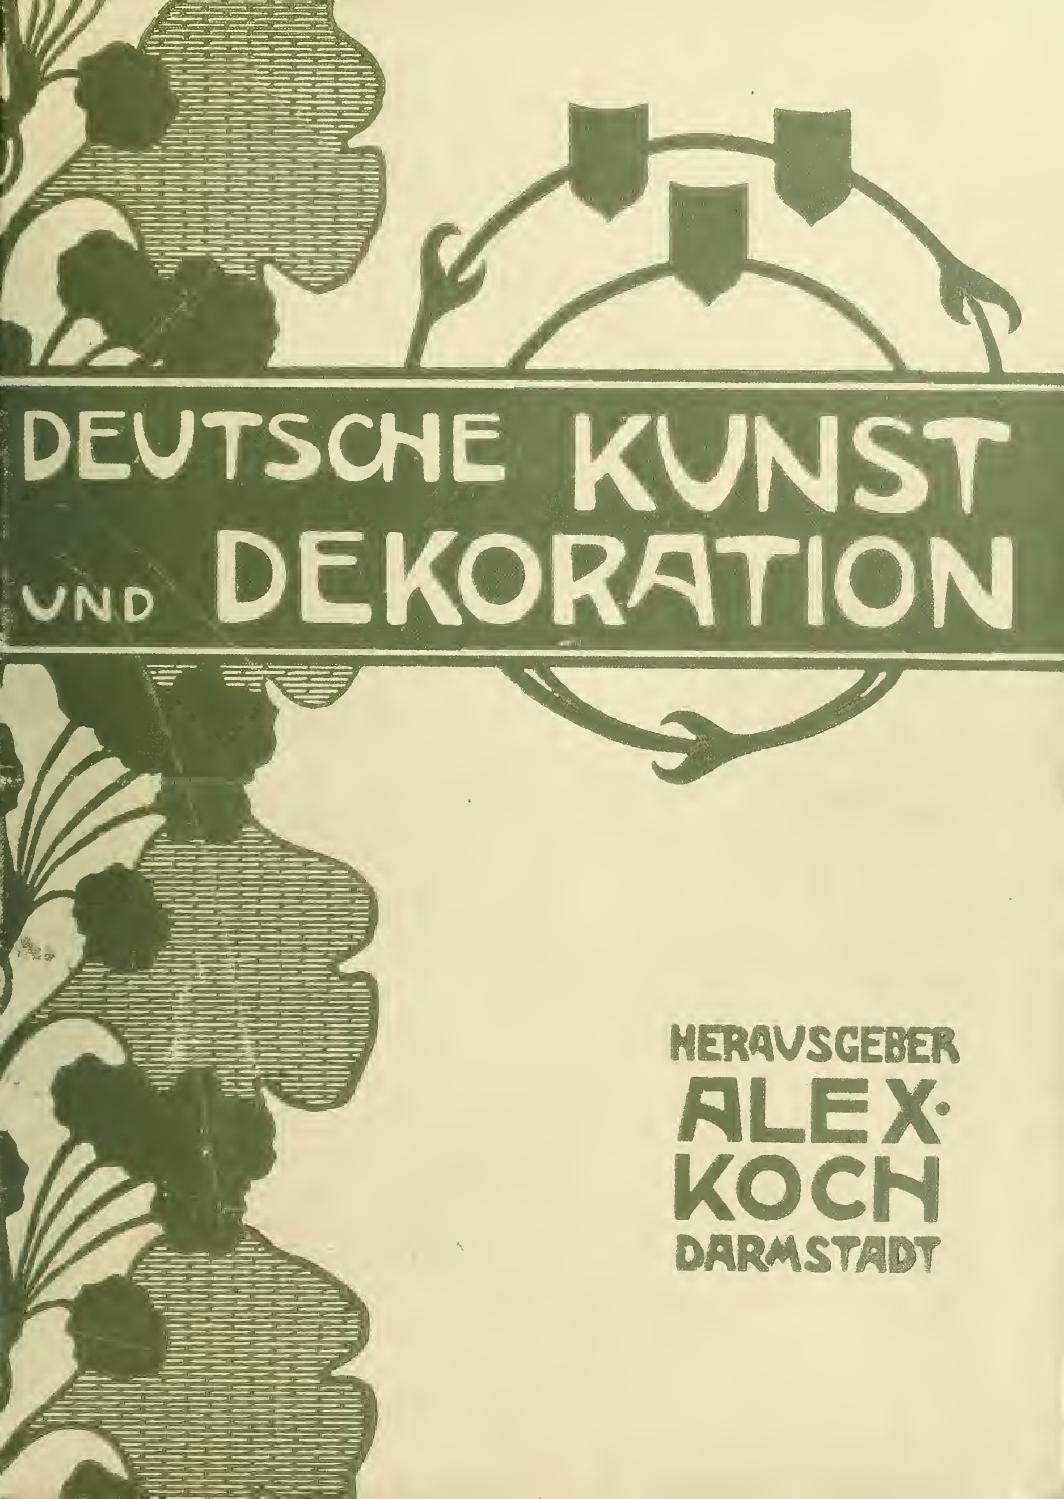 Deutsche kunst und dekoration band VIII april 1901 september 1901 by ...